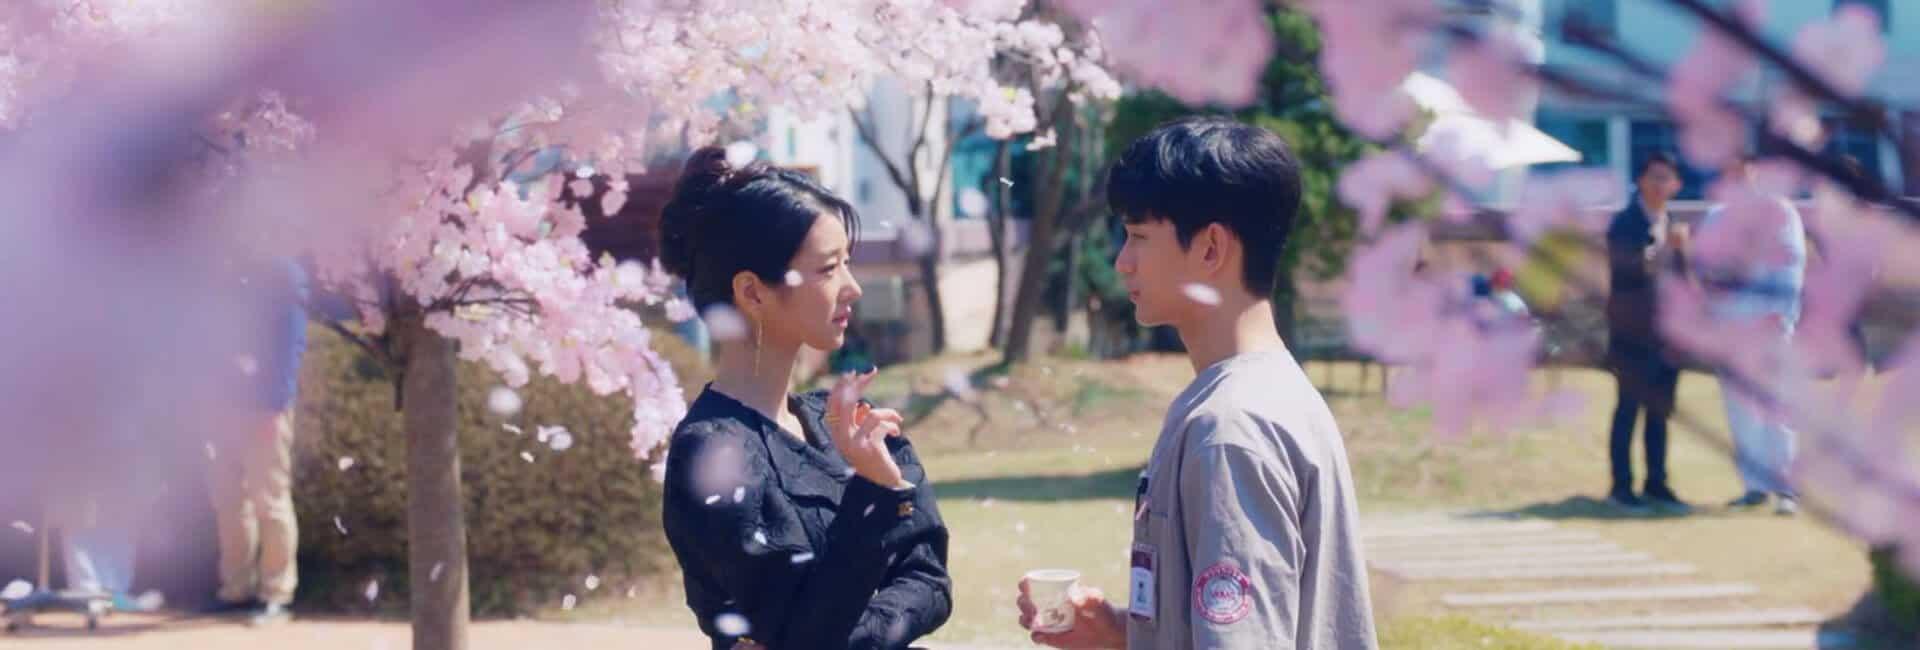 protagonistas conversando entre folhas de cerejeira em um intervalo do trabalho